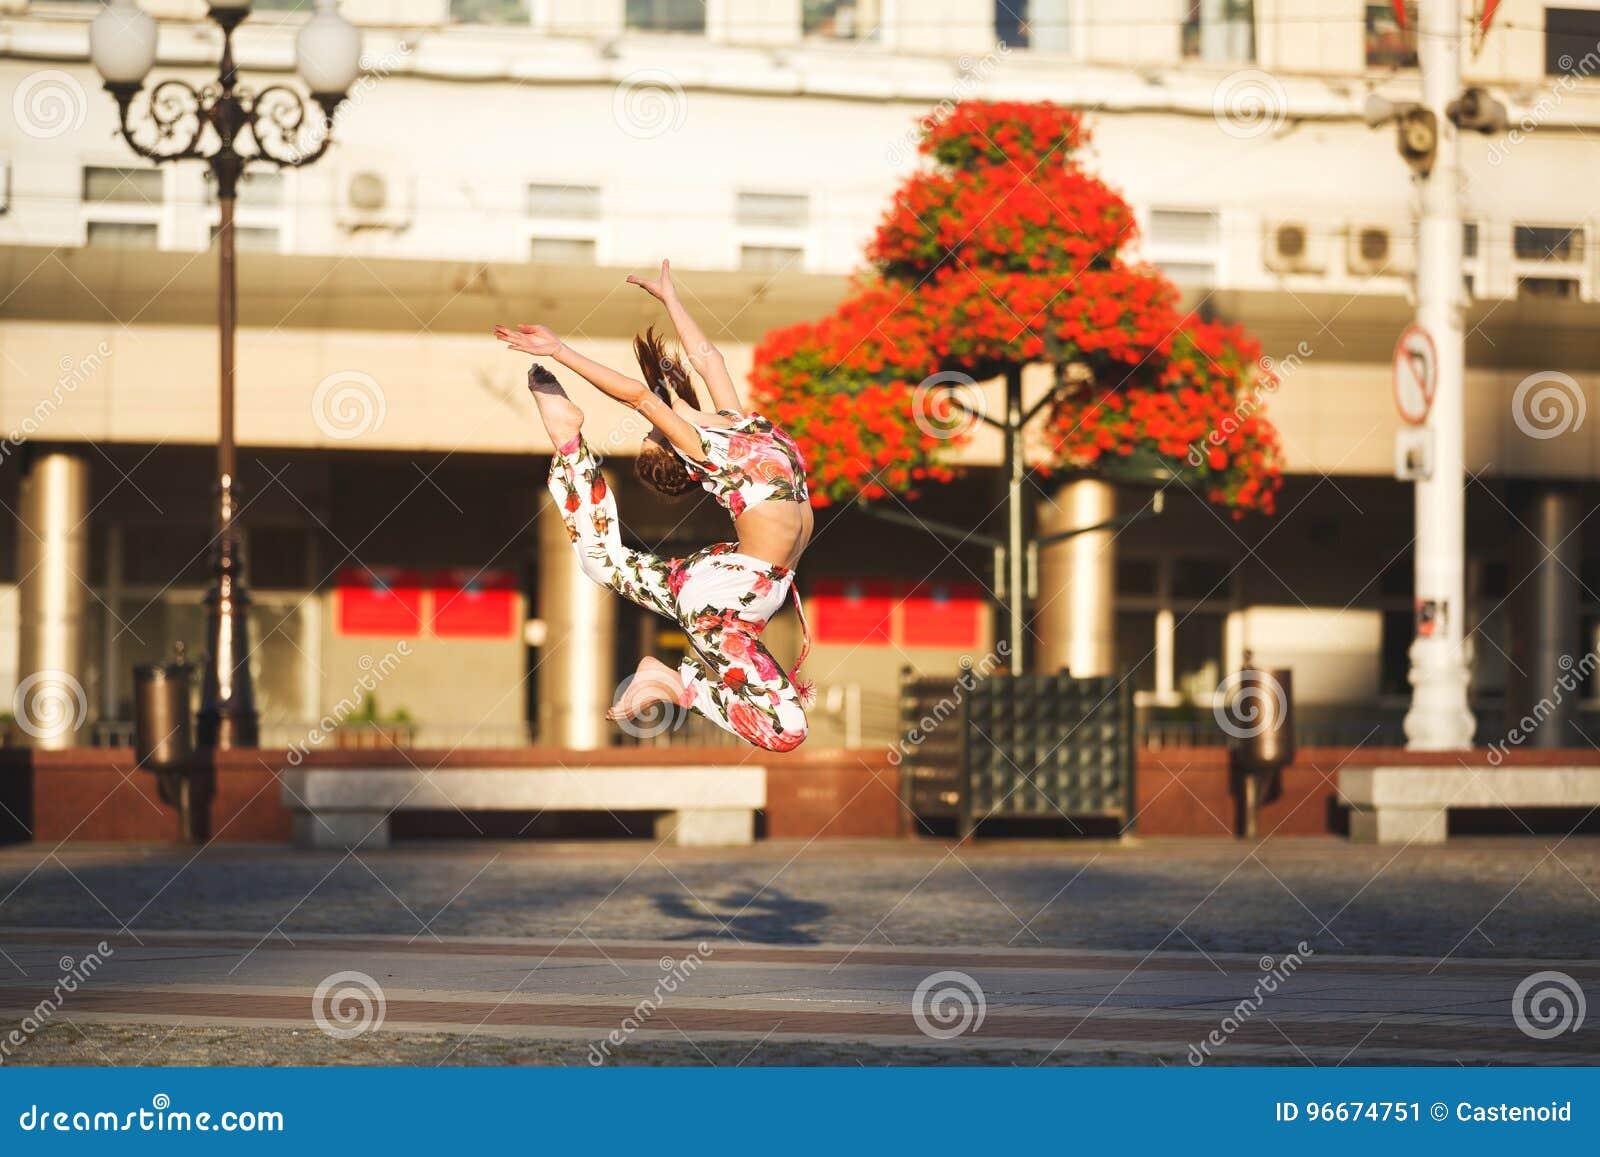 Entrenamiento del gimnasta joven